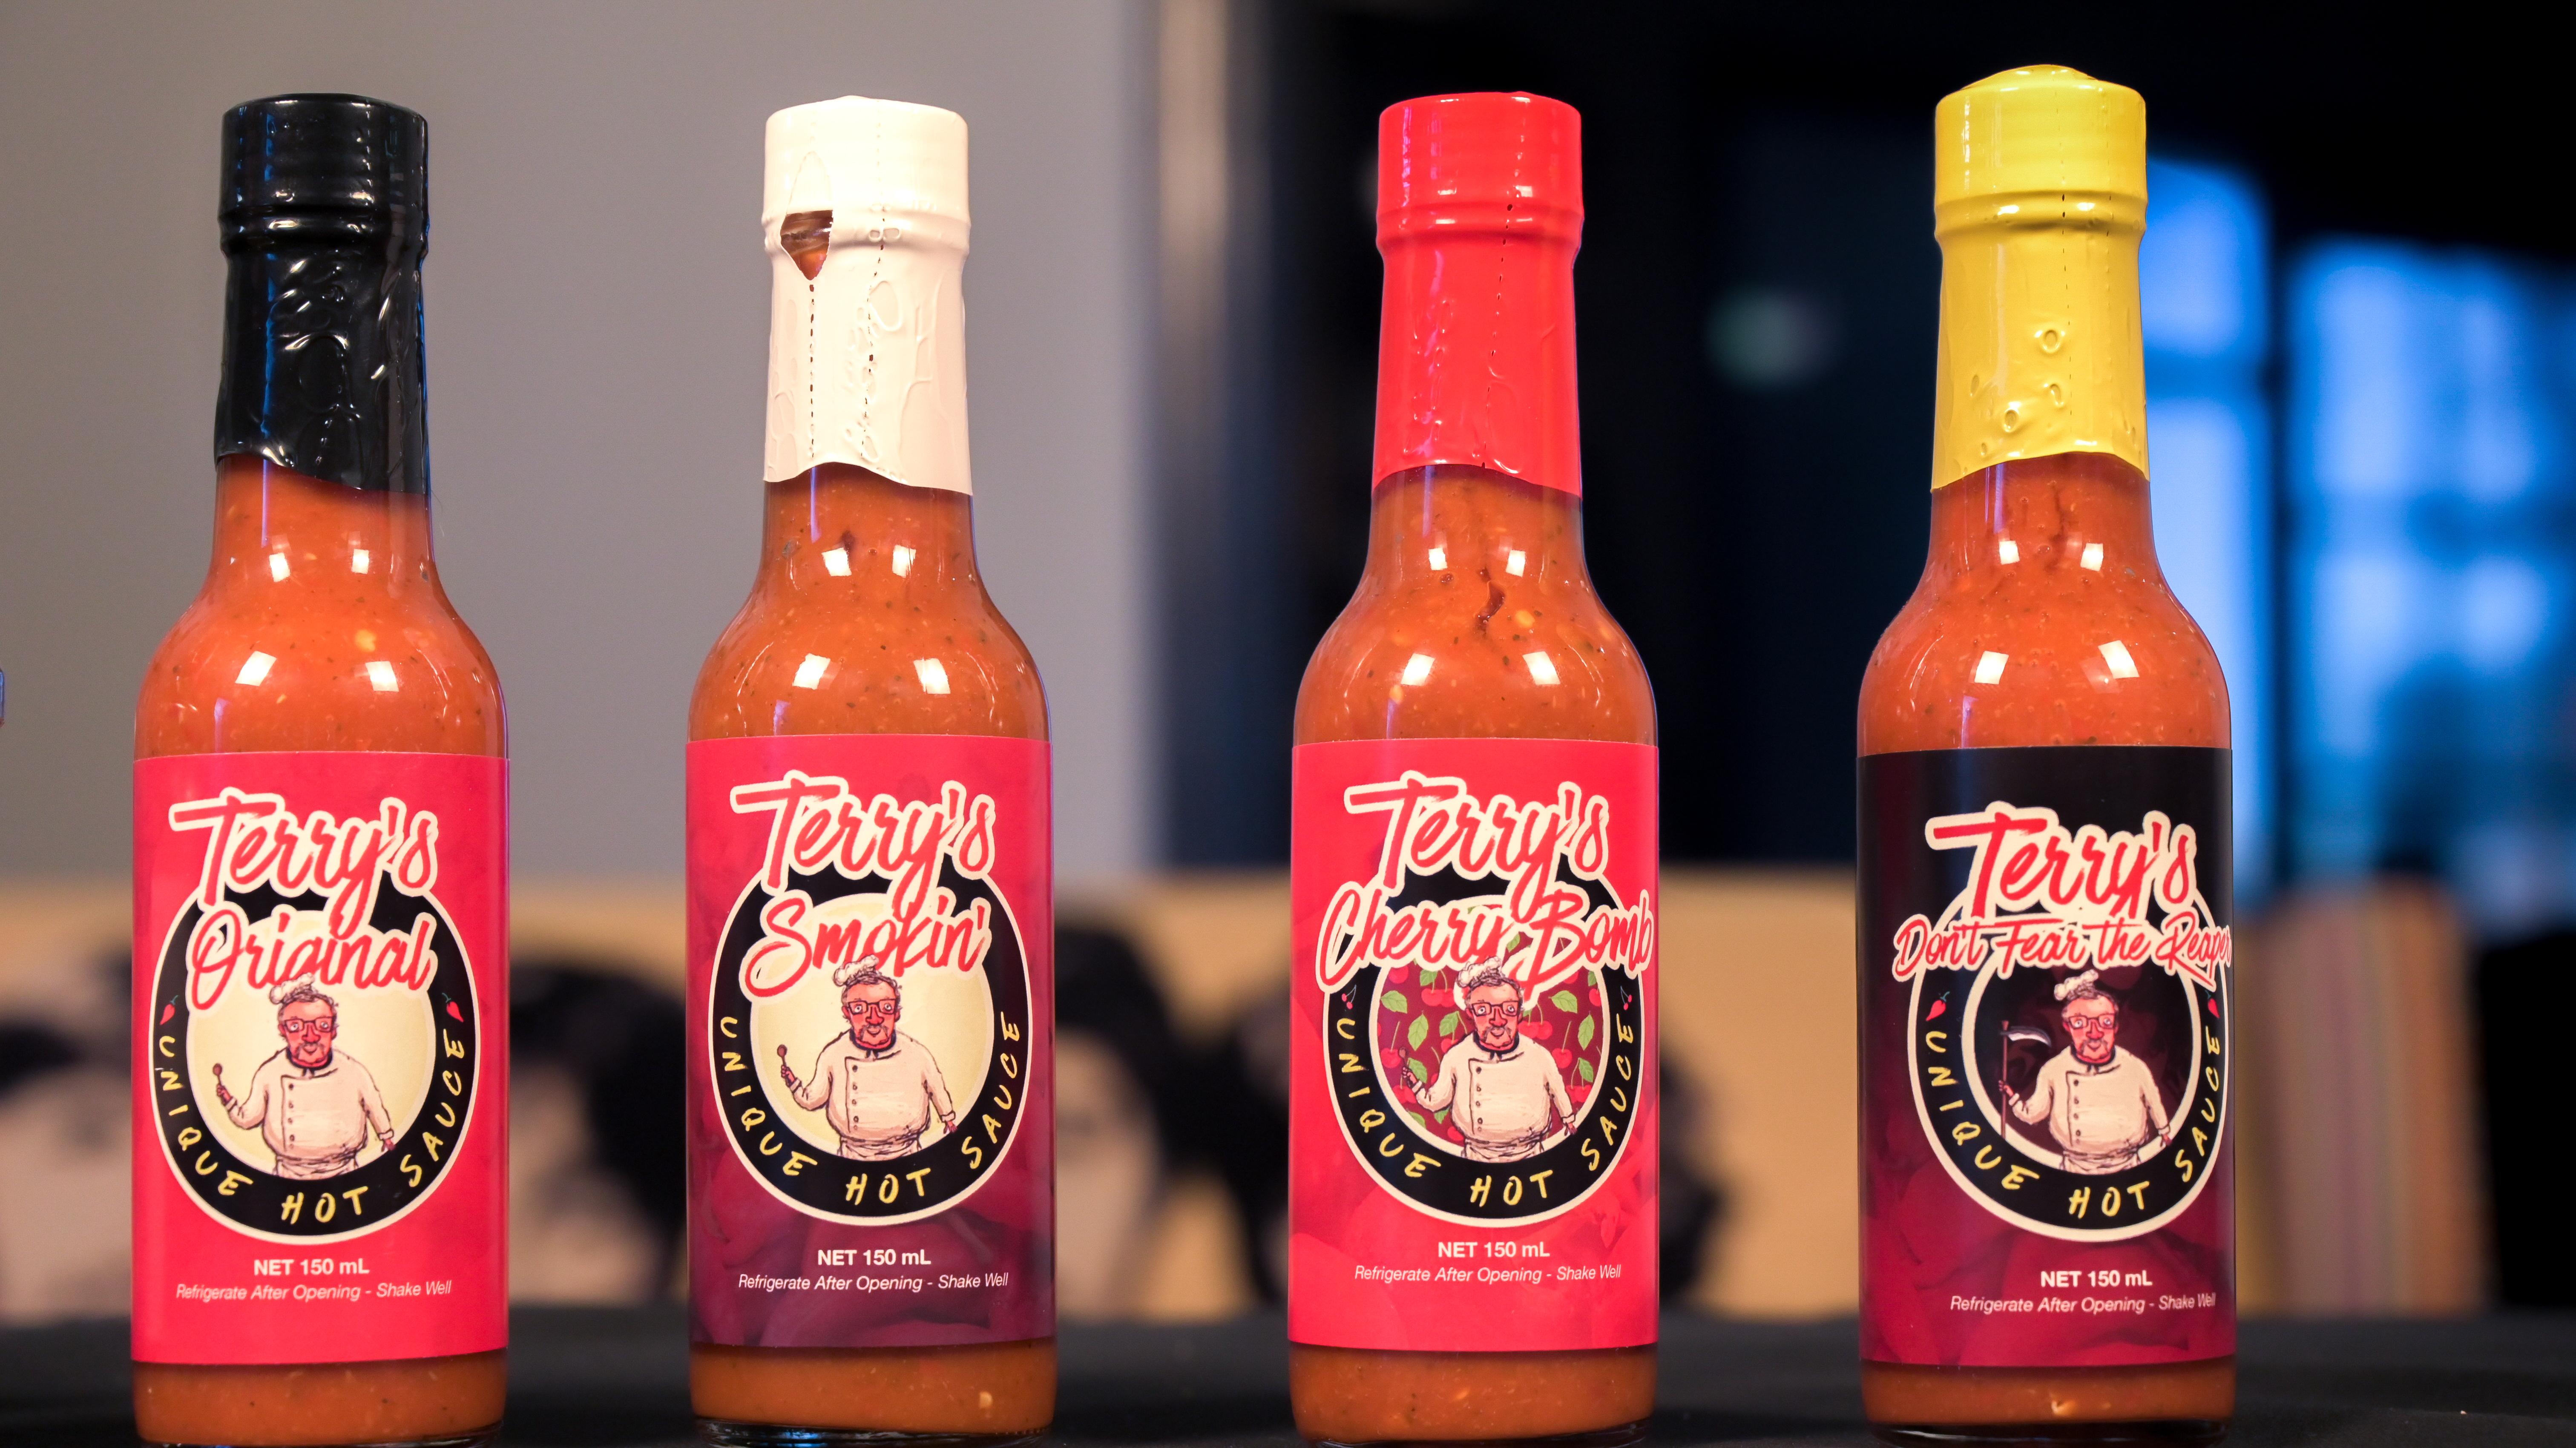 Terry's Hot Sauce